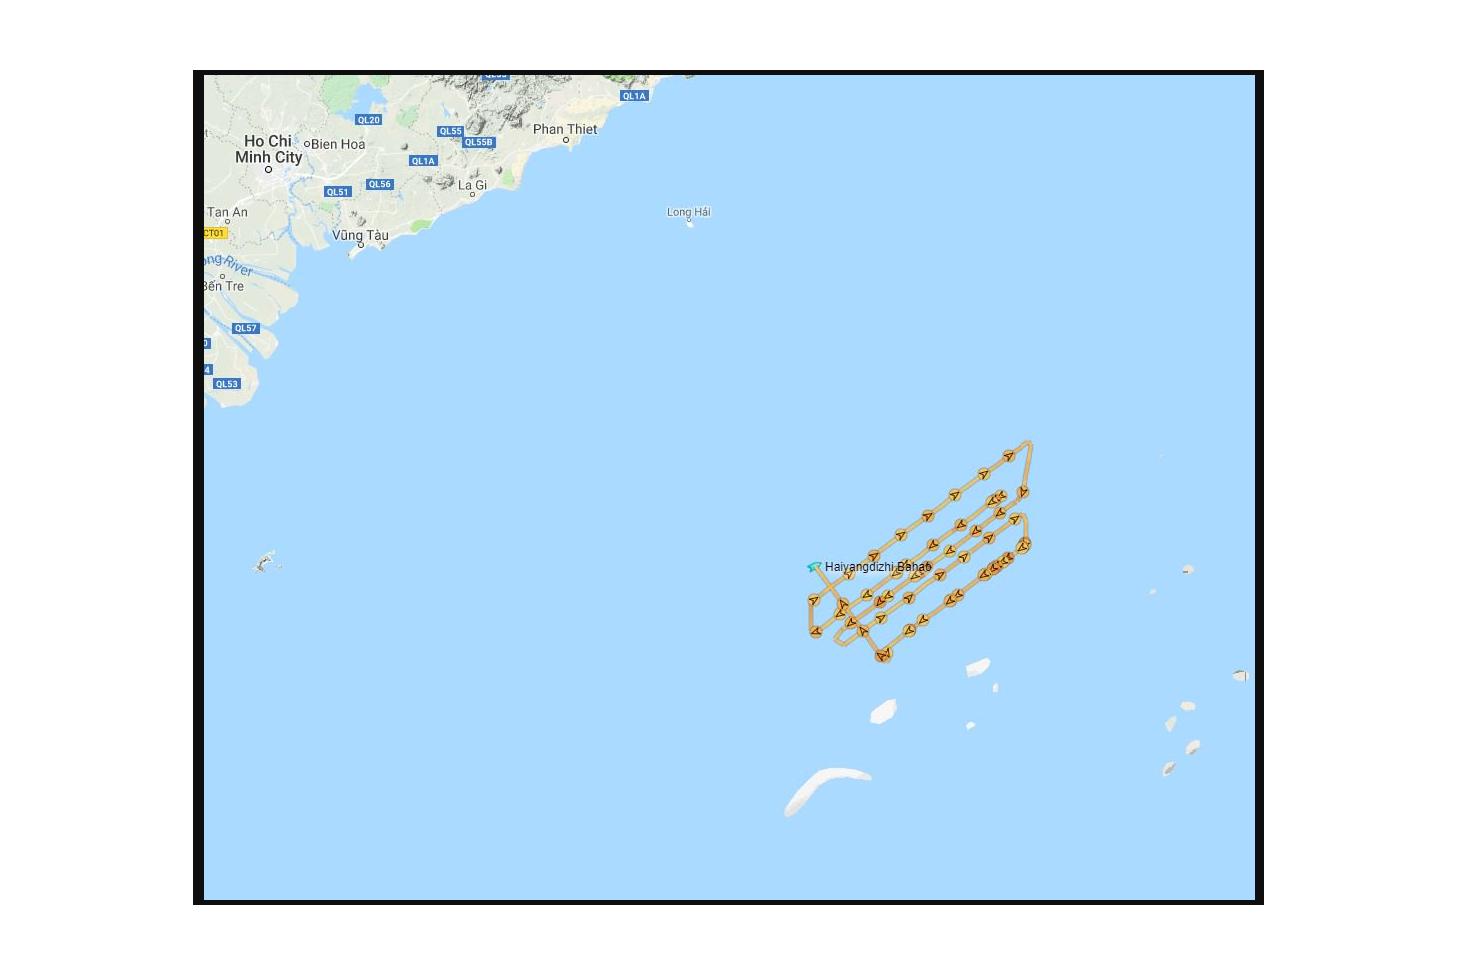 Hoạt động của tàu Hải Dương Địa Chất 8 (Haiyang Dizhi) của Trung Quốc tại bãi Tư Chính của Việt Nam từ ngày 26 đến 30/08/2019. Ảnh chụp màn hình từ Twitter của GS Ryan Martinson.